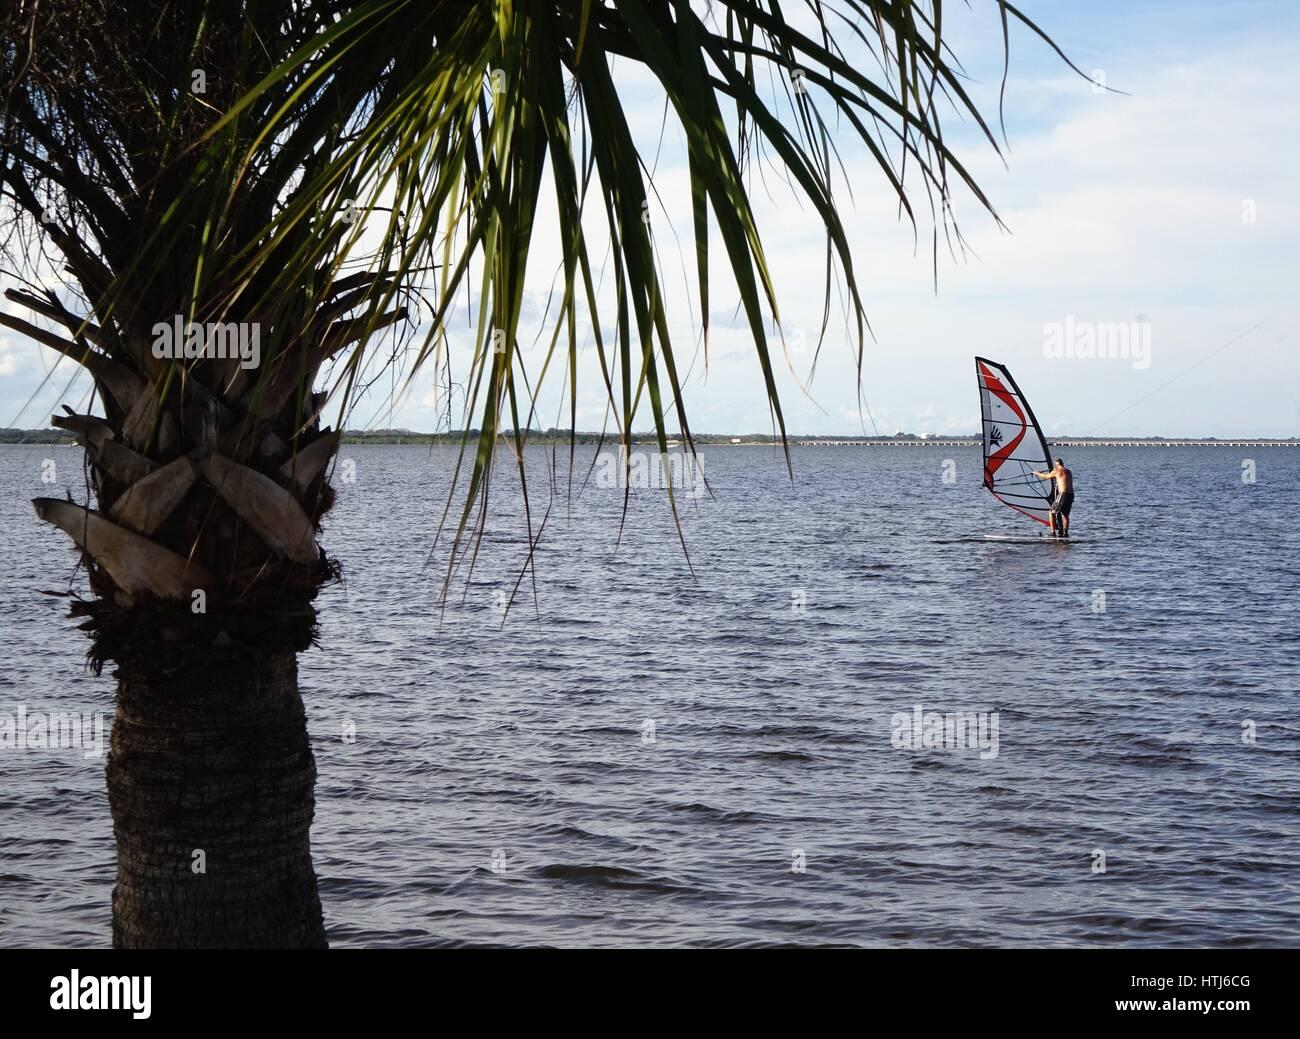 La planche à voile dans la rivière indienne, en Floride Photo Stock